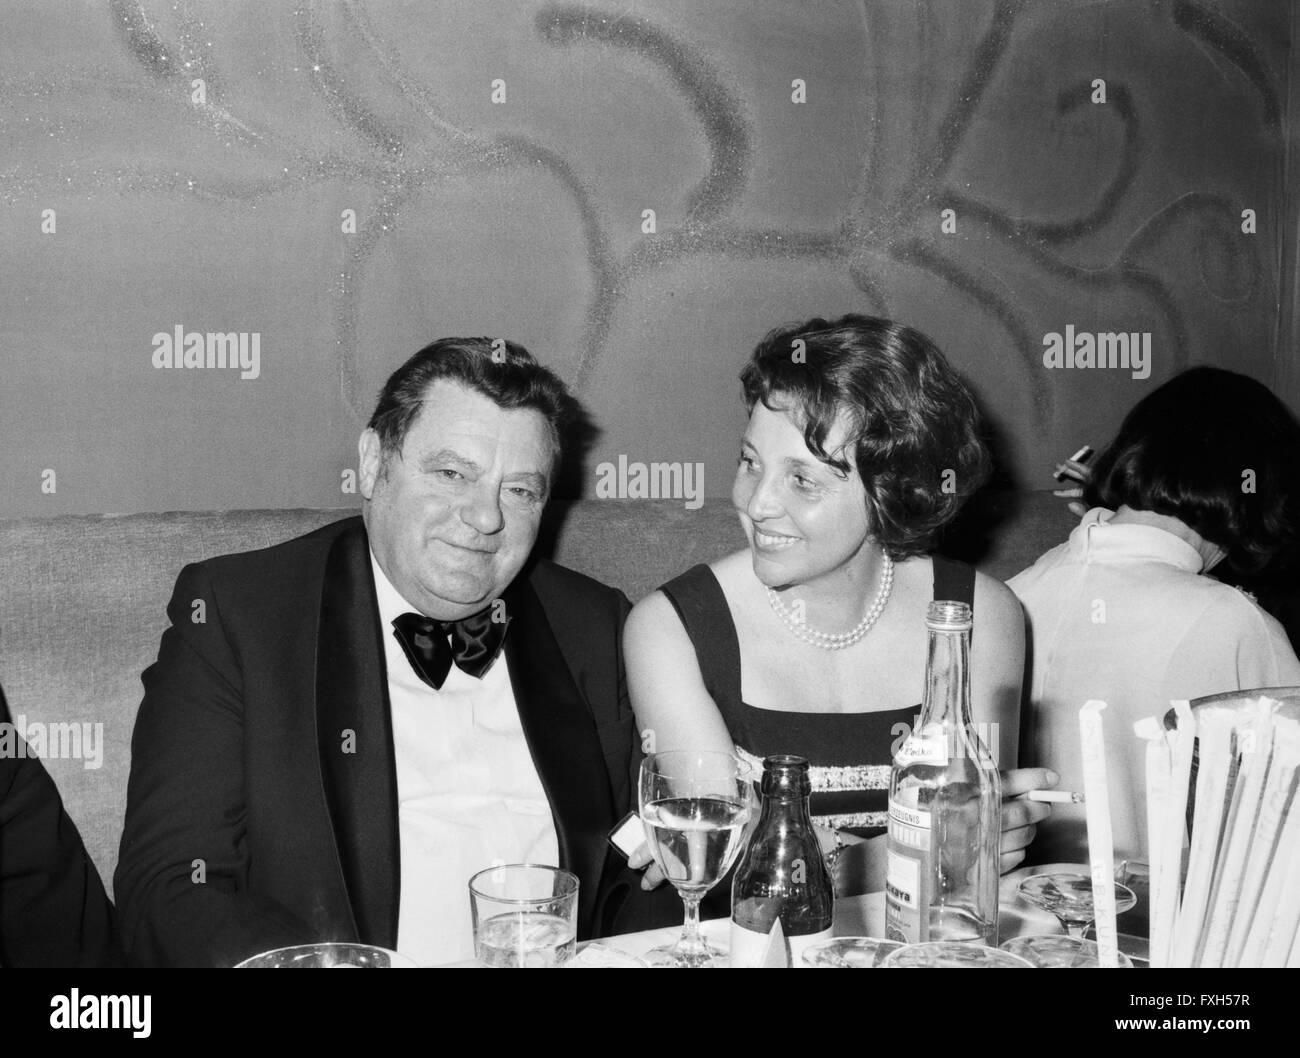 CSU Kanzlerkandidat Franz Josef Strauß Mit Ehefrau Mariannebeim SPIO Filmball in München 1976, 1970er Stockbild